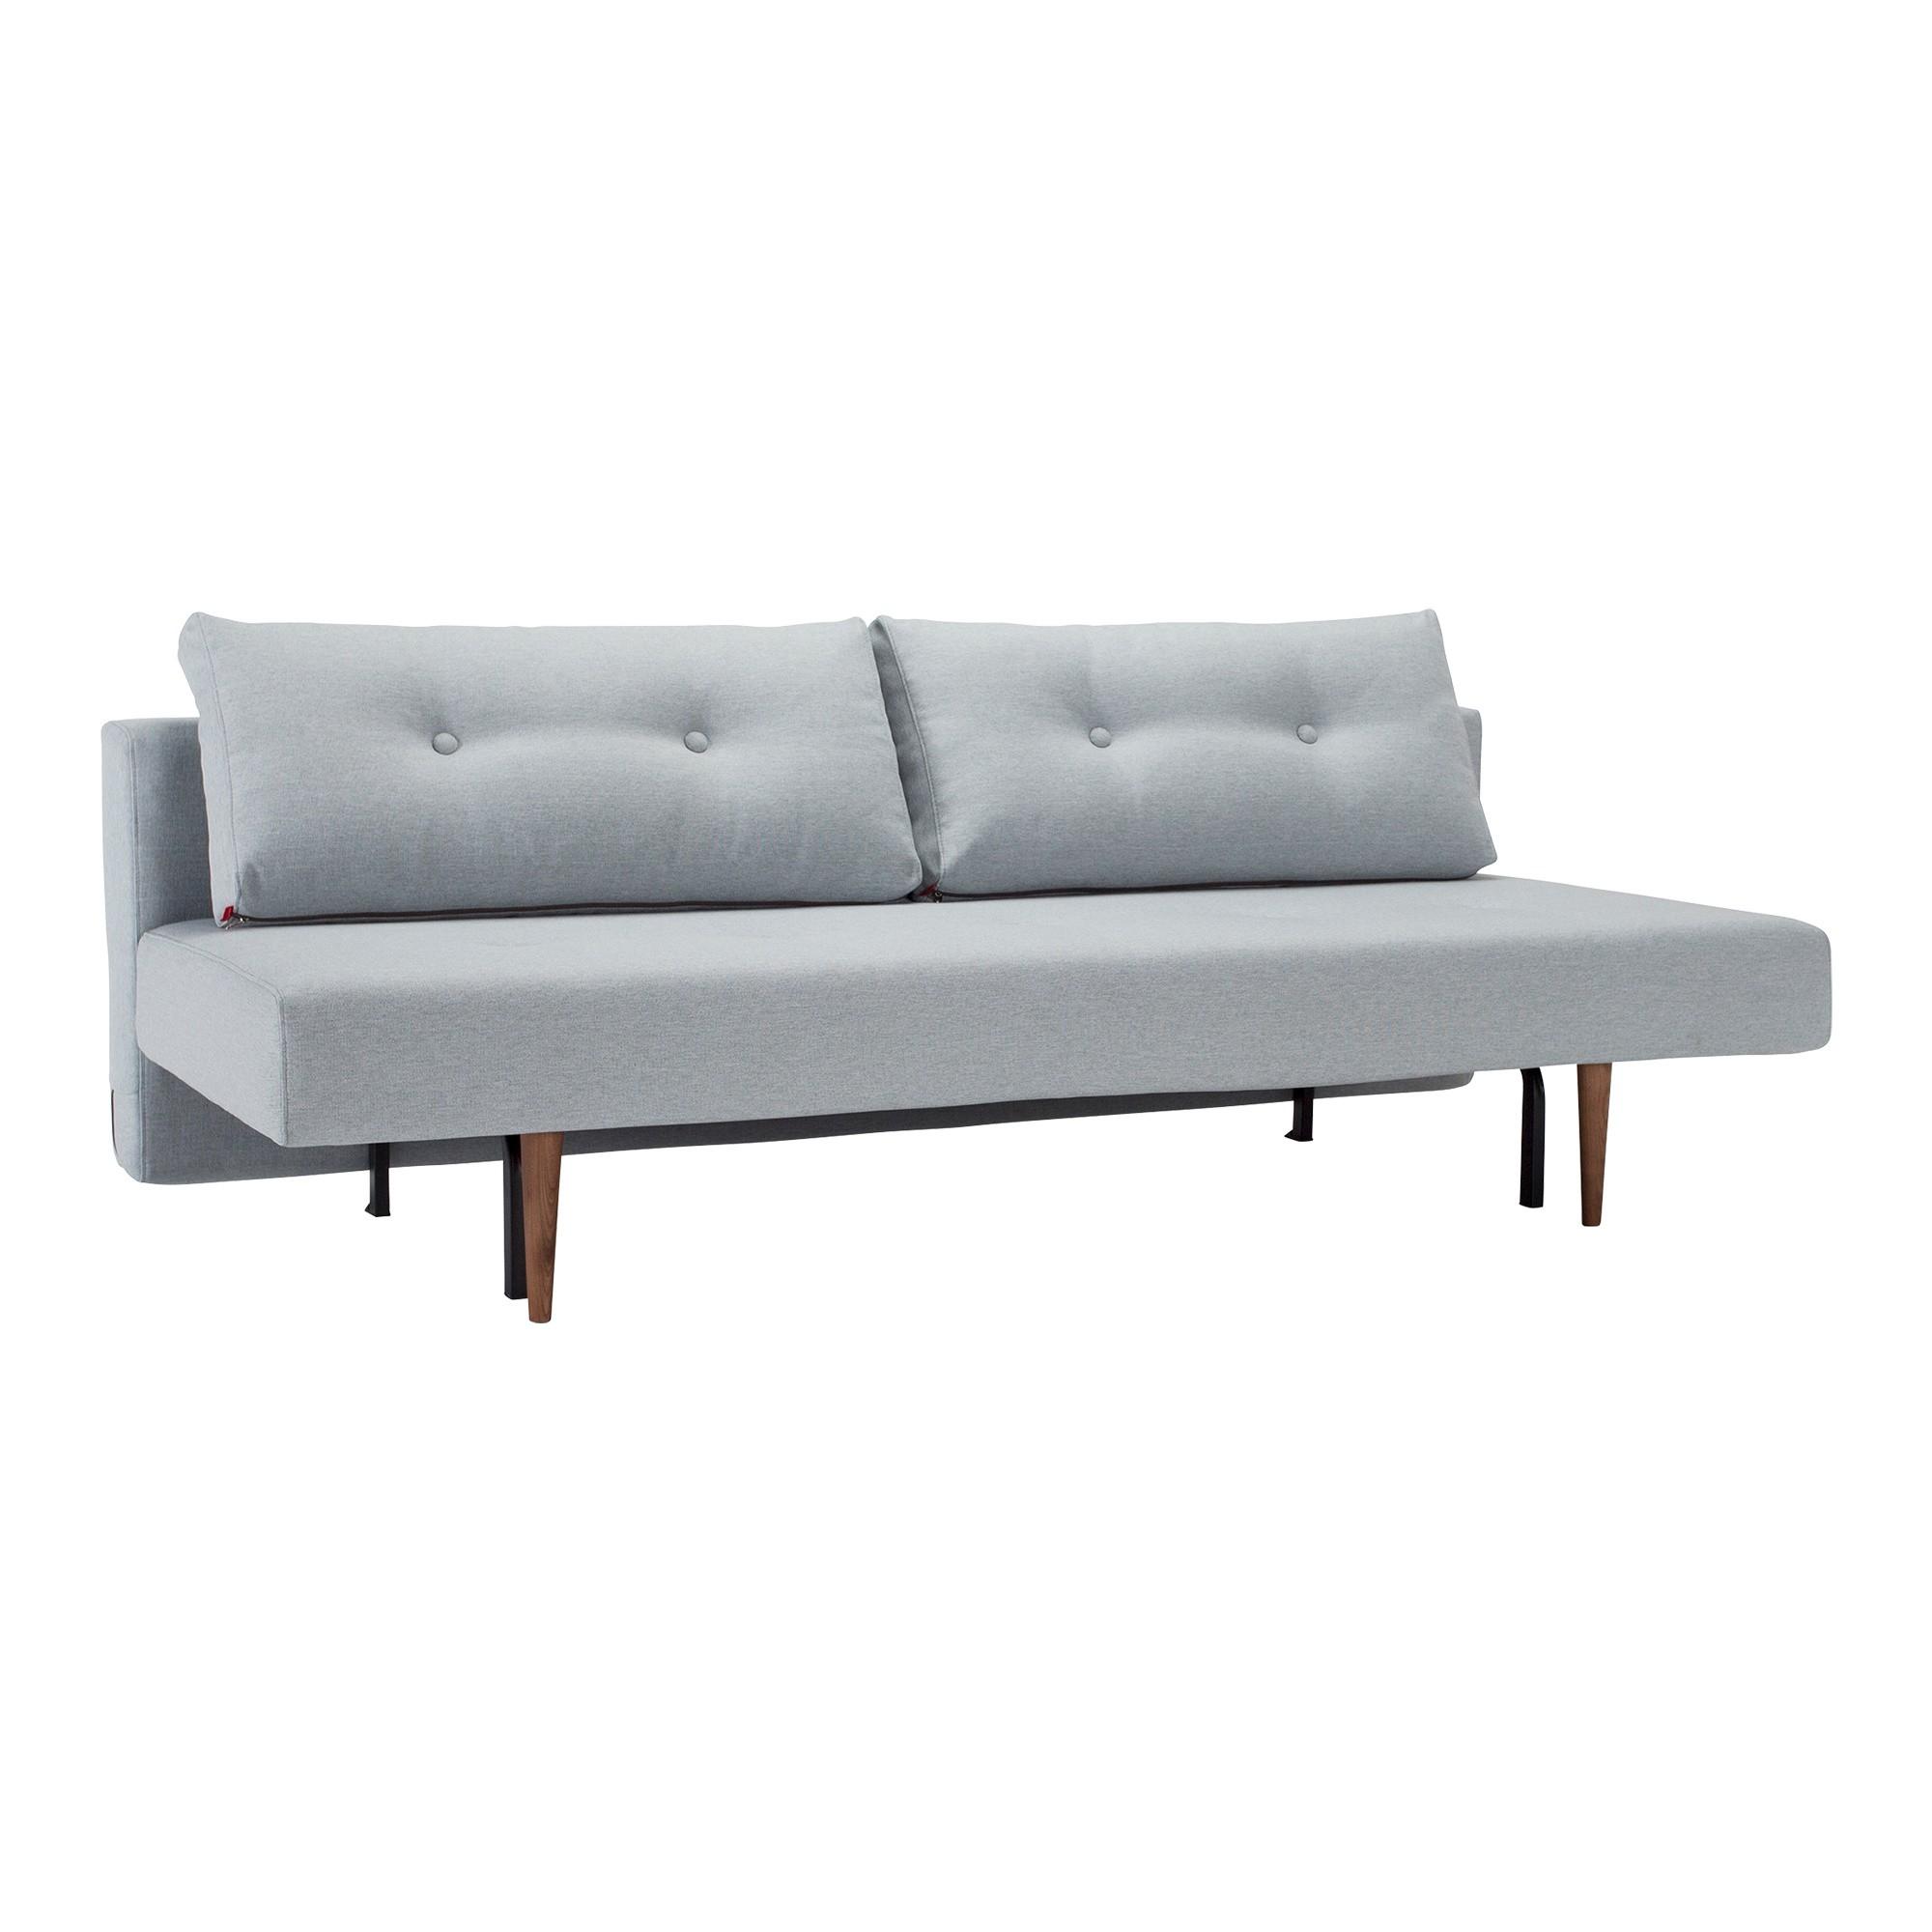 Recast Plus Sofa Bed Legs Dark Wood